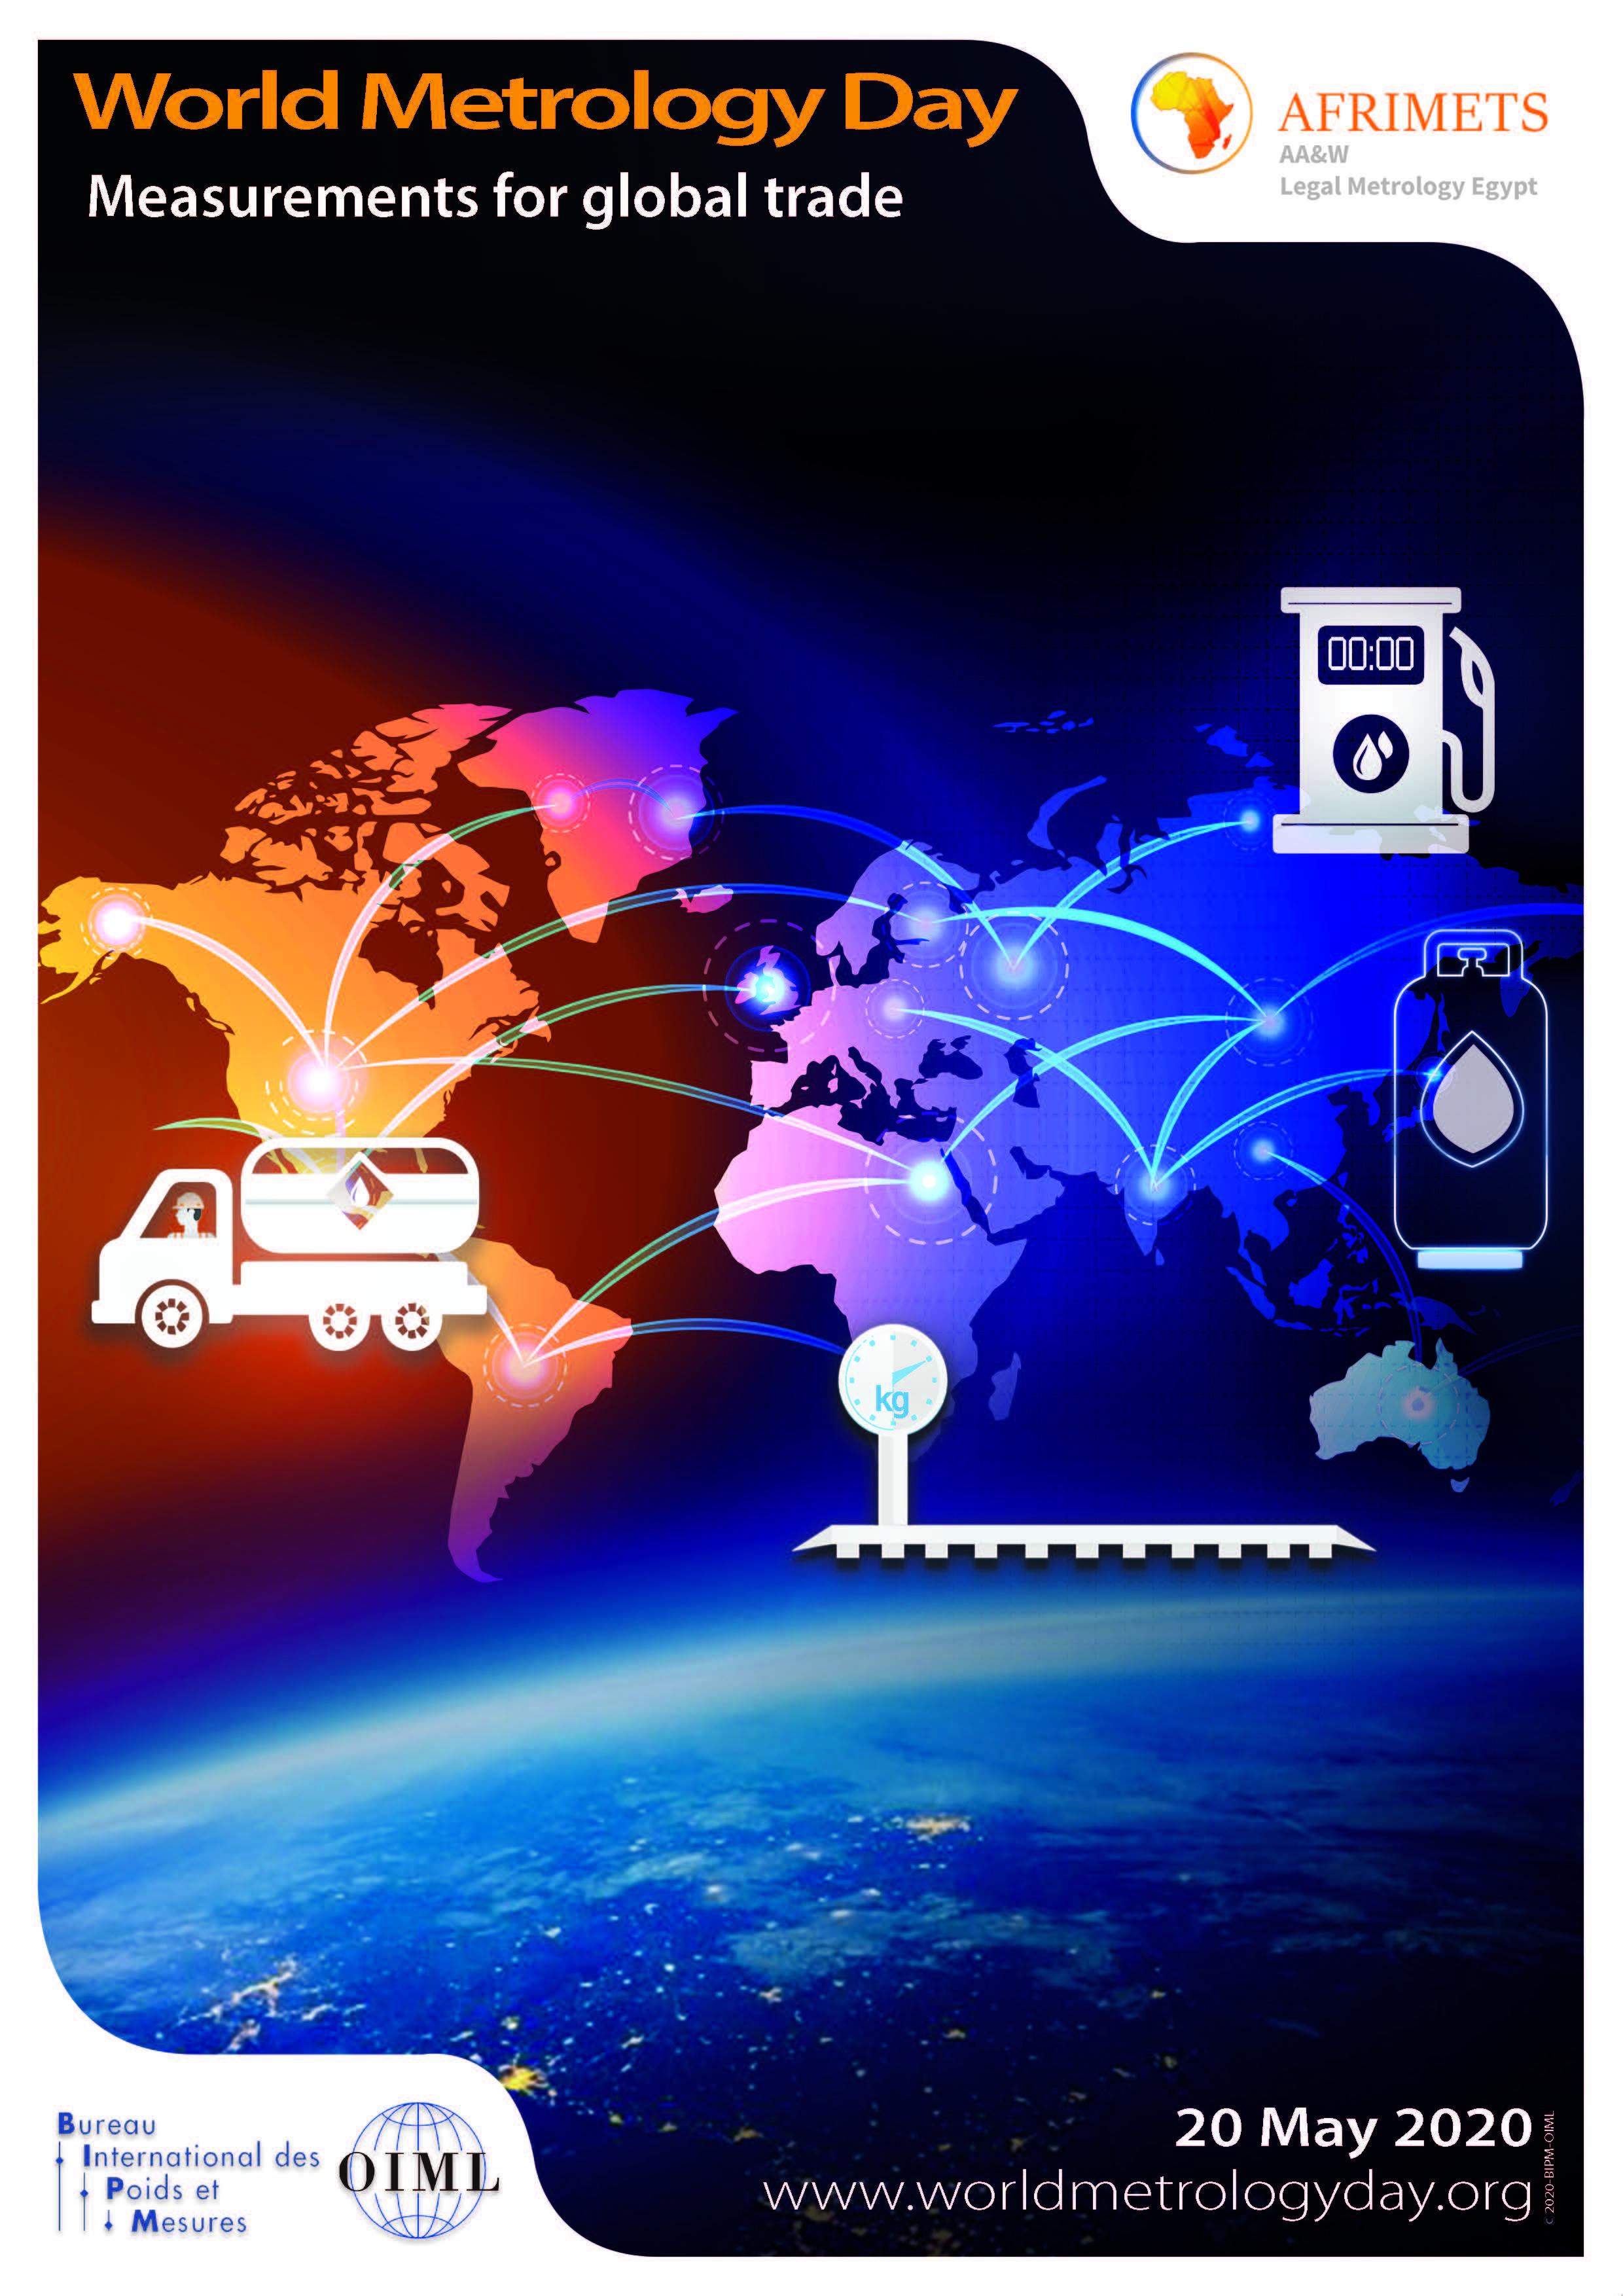 世界计量日网站发布2020年主题:全球贸易计量